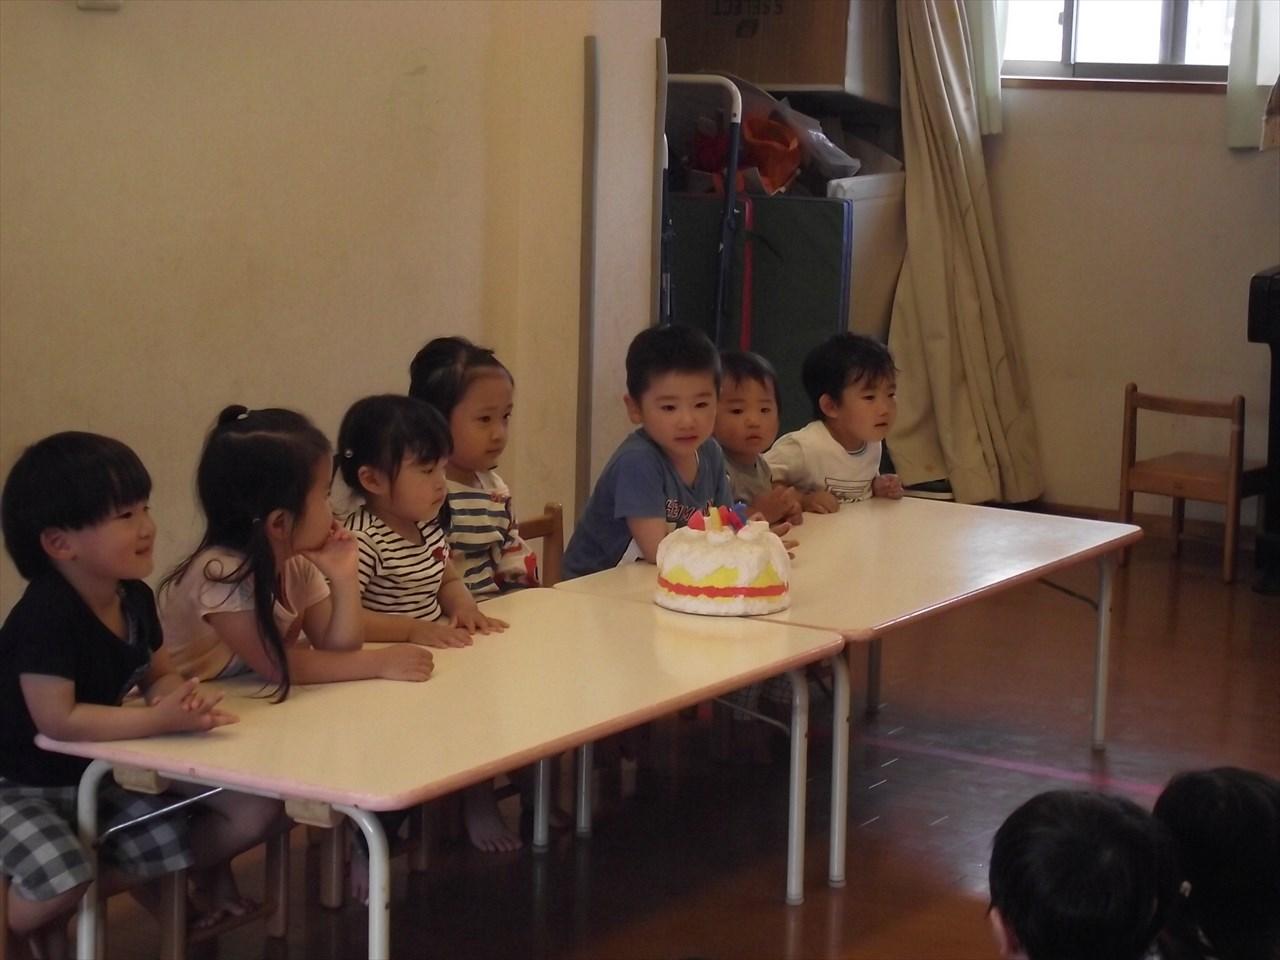 今日は5月生まれのお誕生日会。